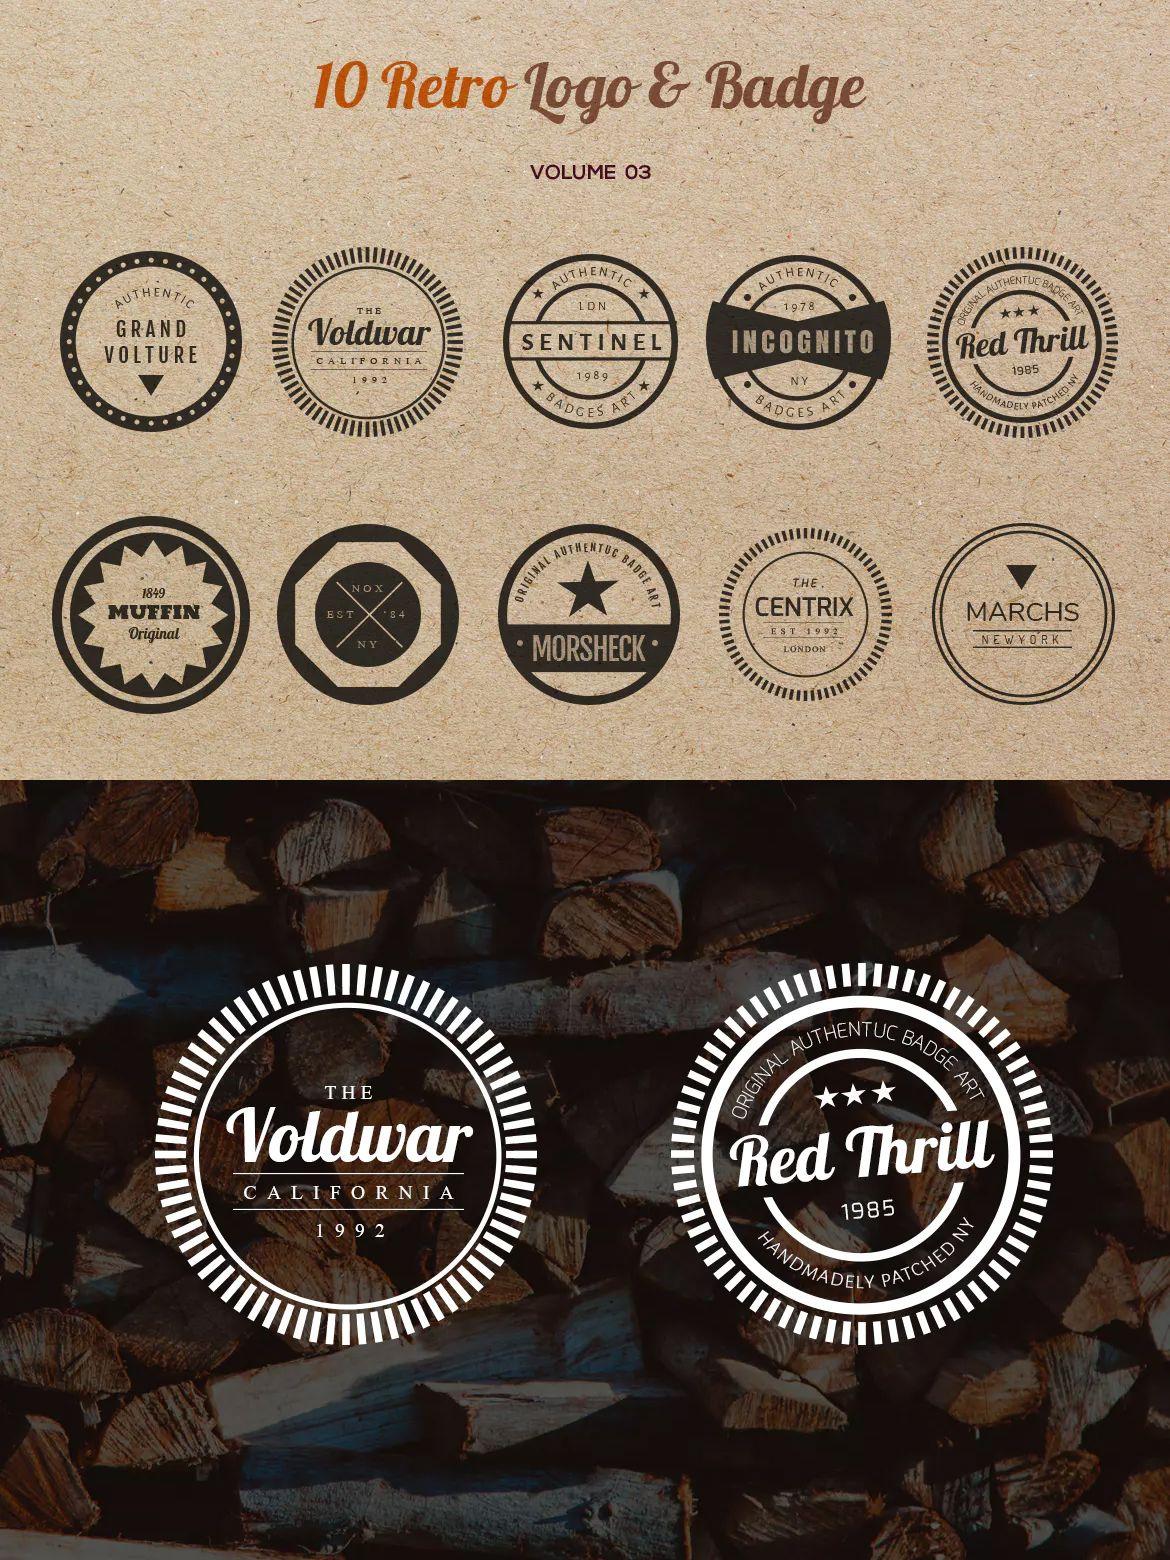 10 Retro Logo & Badge Template PSD, AI, EPS   Badges - Sticker ...